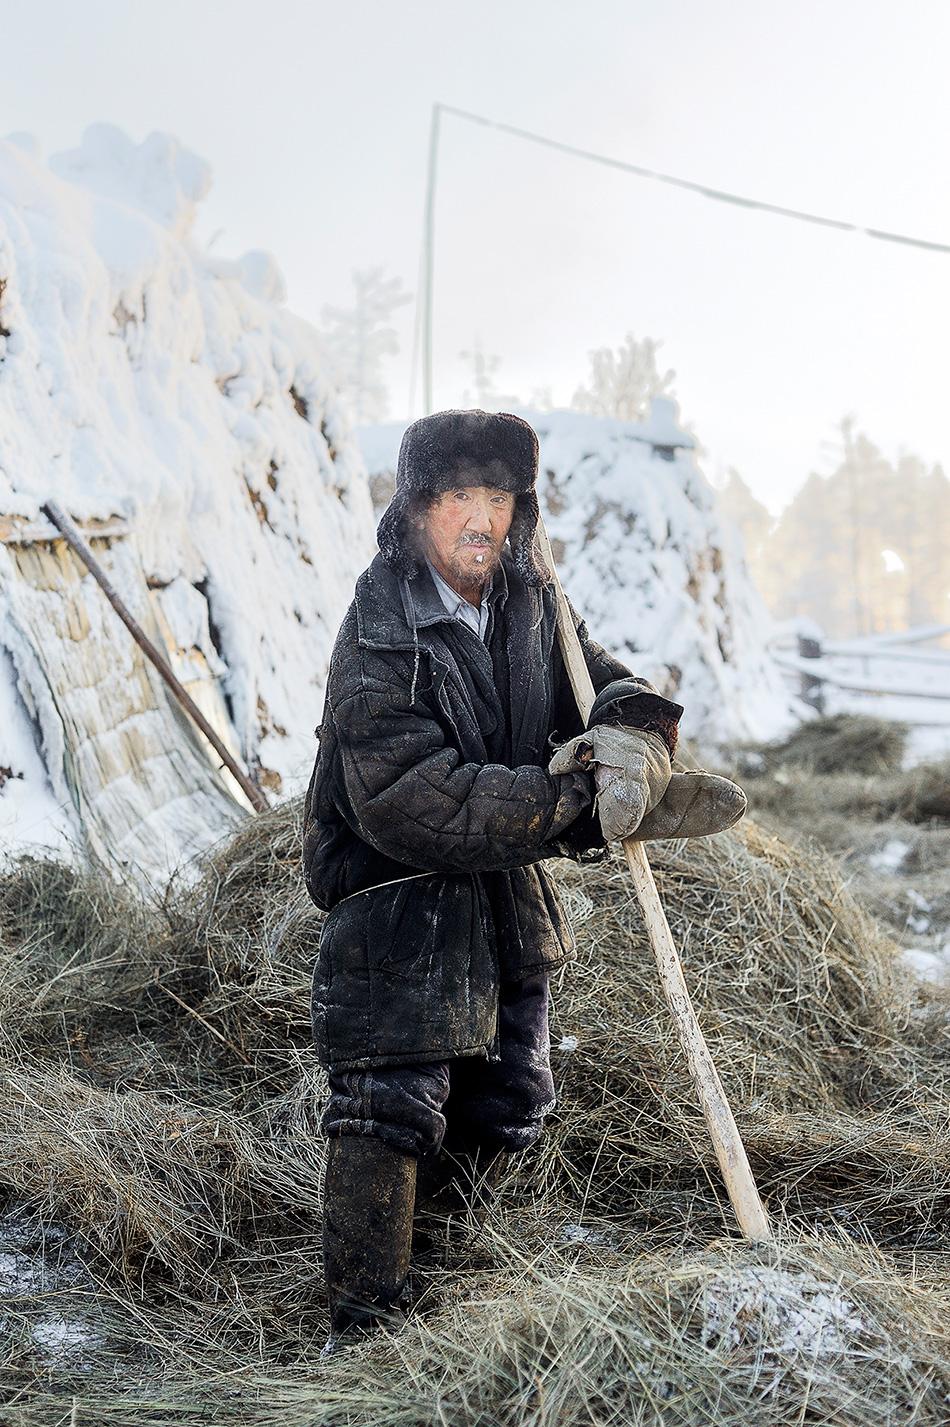 Yakoutsk, capitale de la région de Yakoutie au nord-est de la Russie, est la plus froide des grandes villes du monde.